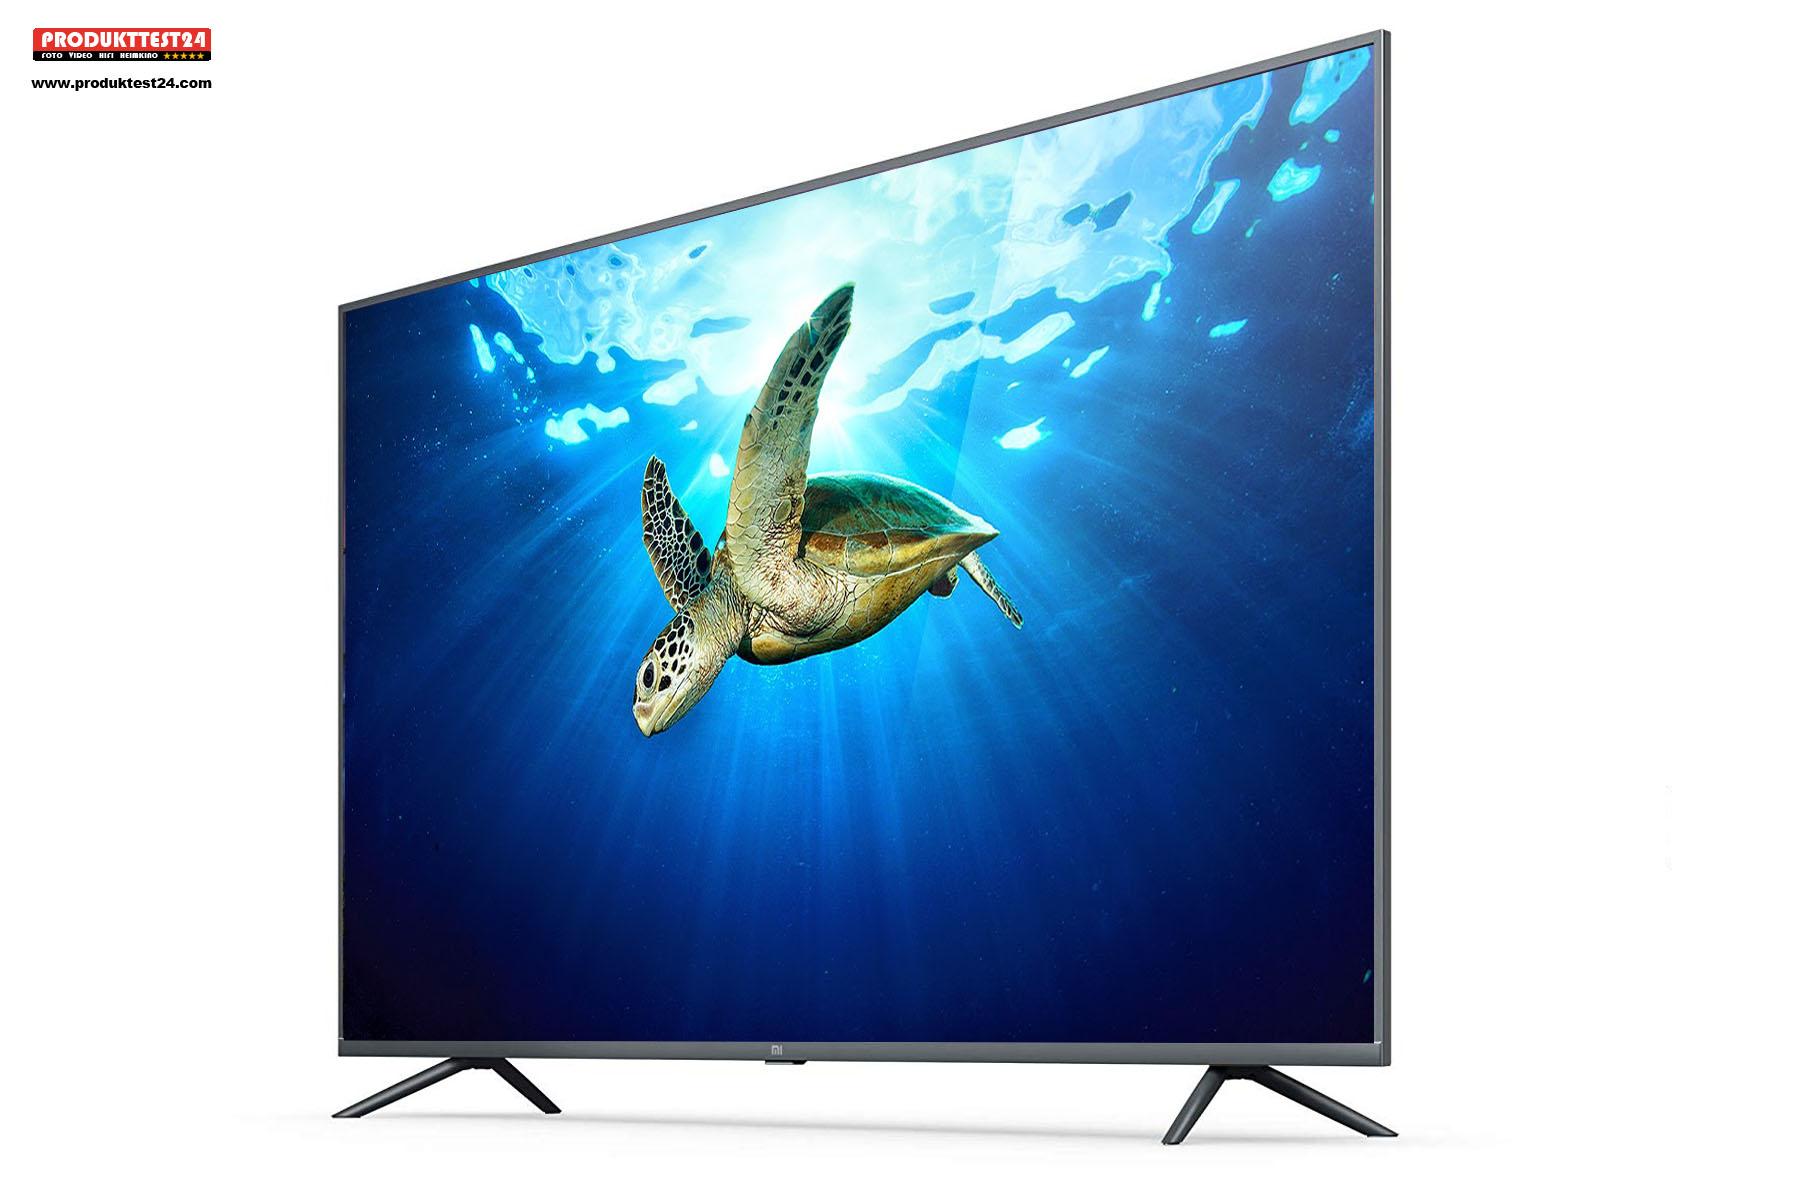 Der günstige China Fernseher im Praxistest